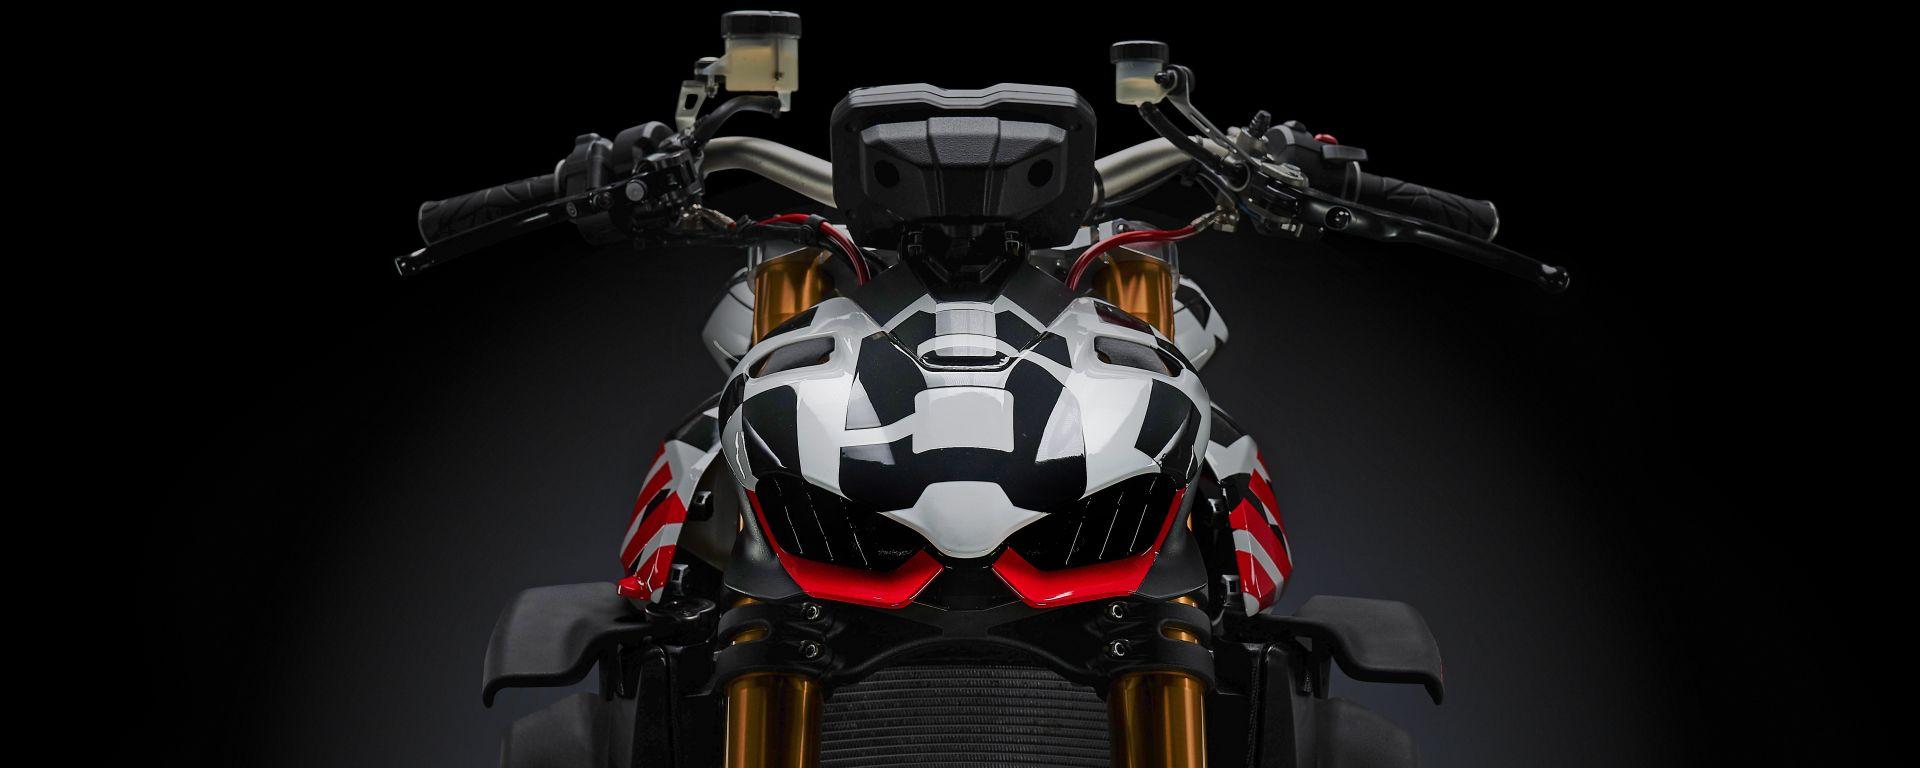 Ducati Streetfighter V4 statica